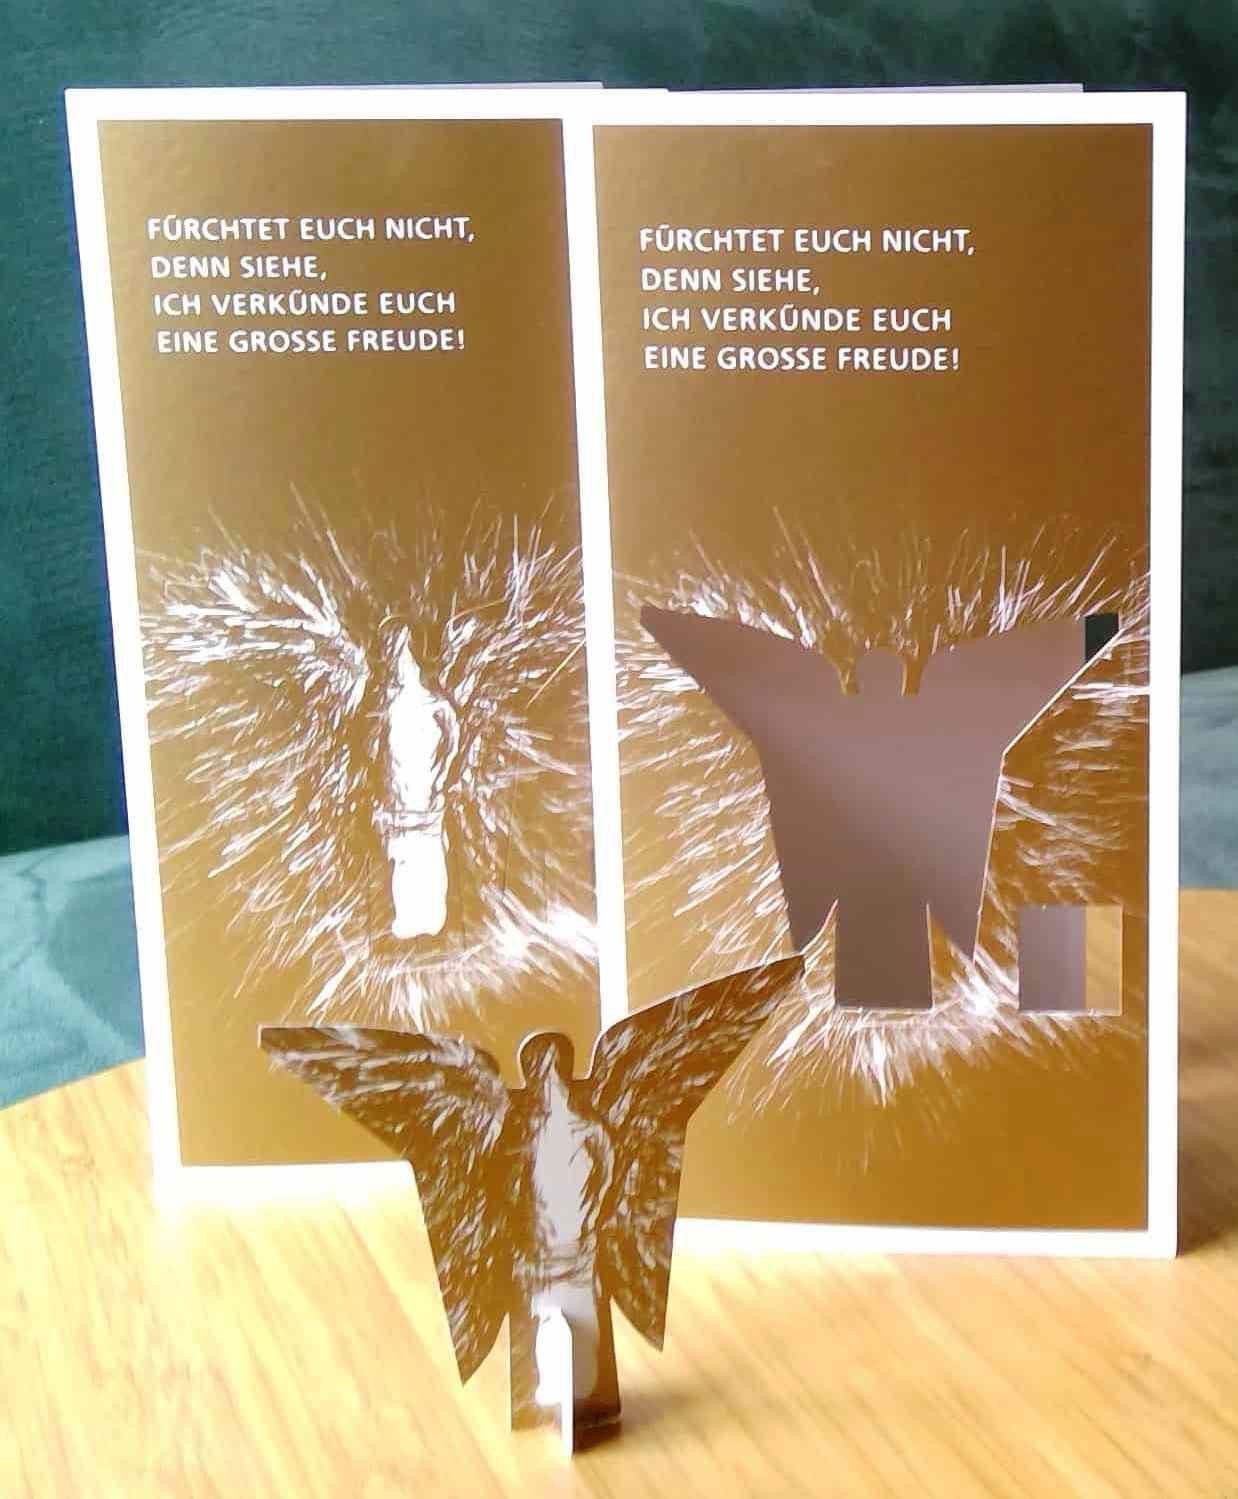 goldene weihnachtsgr e verschicken kirche material. Black Bedroom Furniture Sets. Home Design Ideas